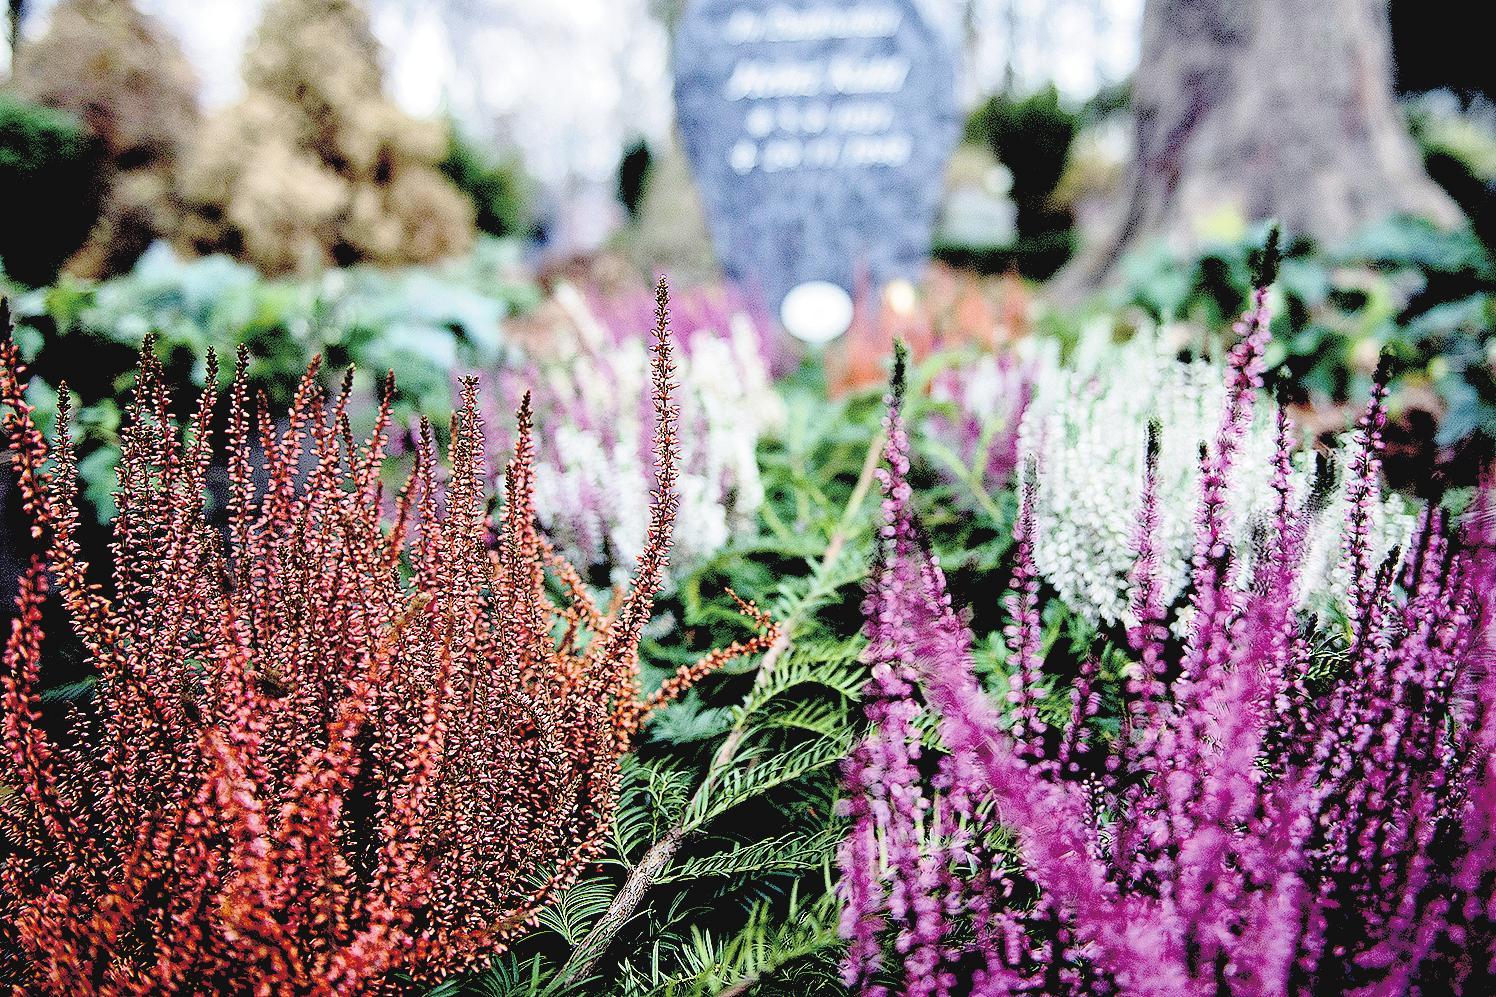 Neben der Dauerbepflanzung wird das Grab oft mit Wechselpflanzen bestückt – zum Beispiel mit Heidekraut. FOTO: DPA